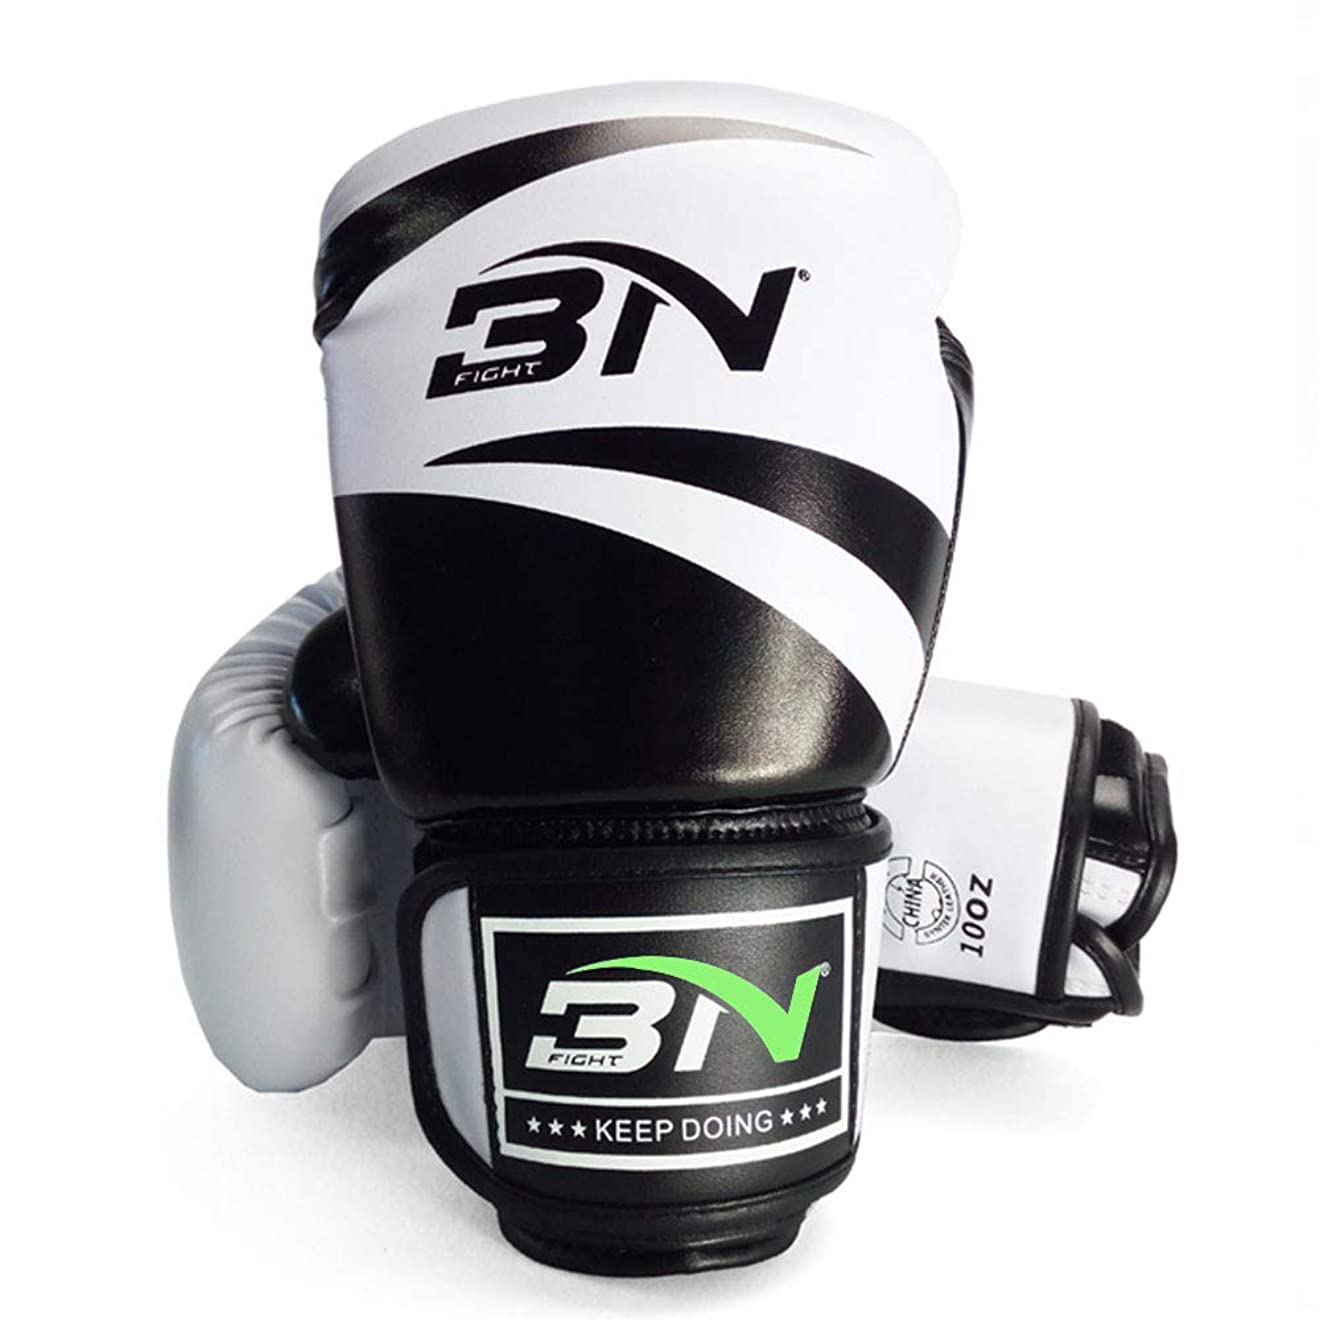 ジャングル息切れタンクパンチンググローブ ボクシンググローブ LangRay boxing gloves 立体構造 肉厚クッション キックボクシング スパーリング 空手 ムエタイ 格闘技 良質PUレザー ジム用